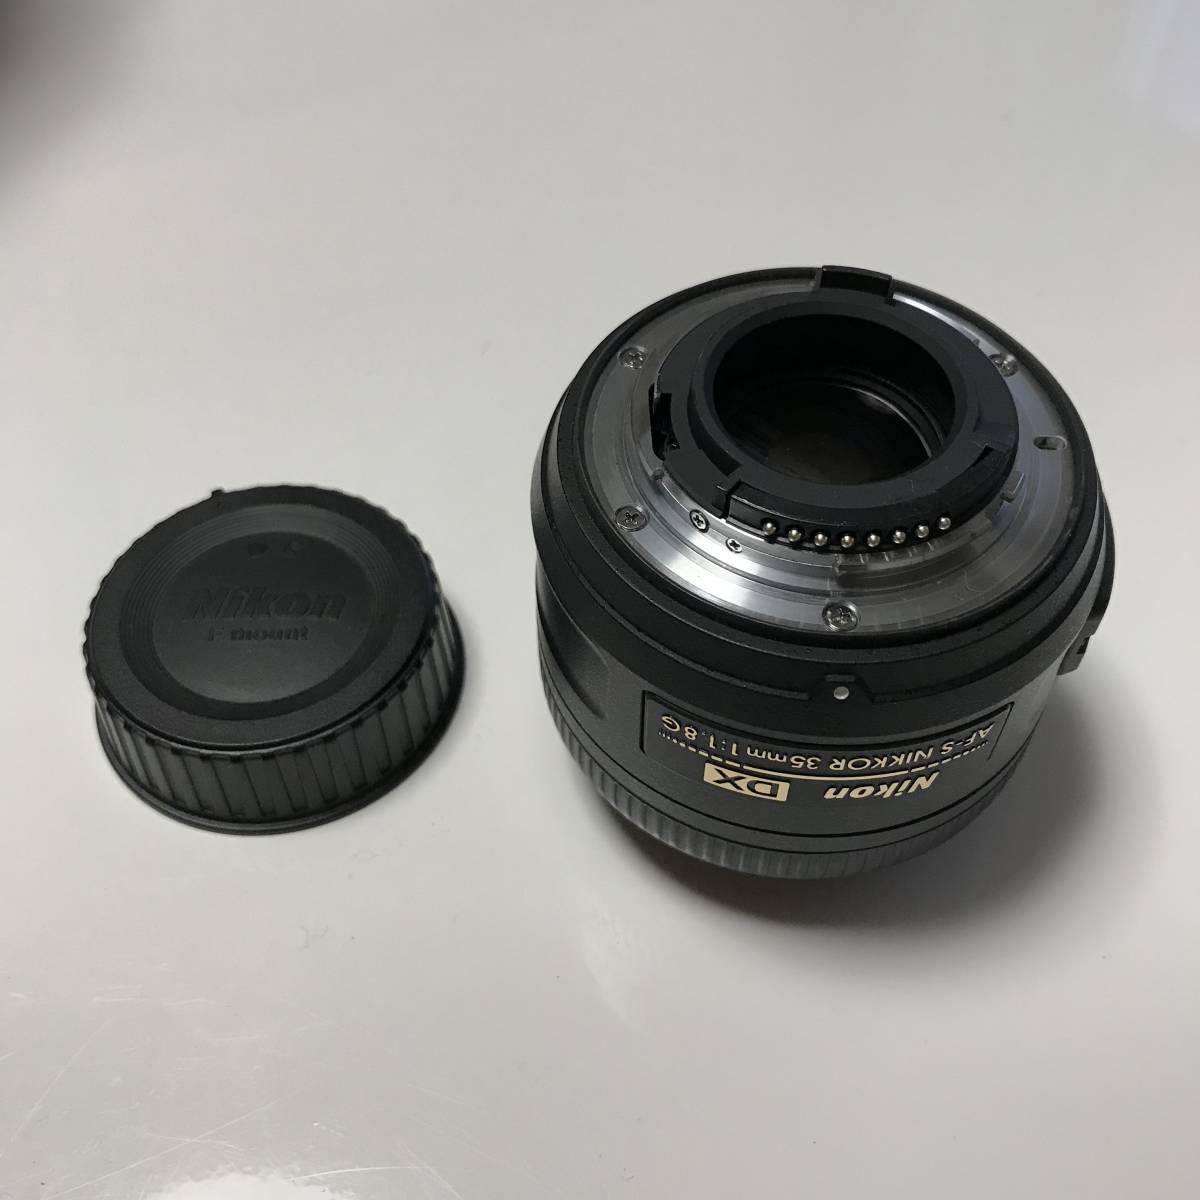 ニコン★35mm f/1.8 DX★Nikon 単焦点_画像3